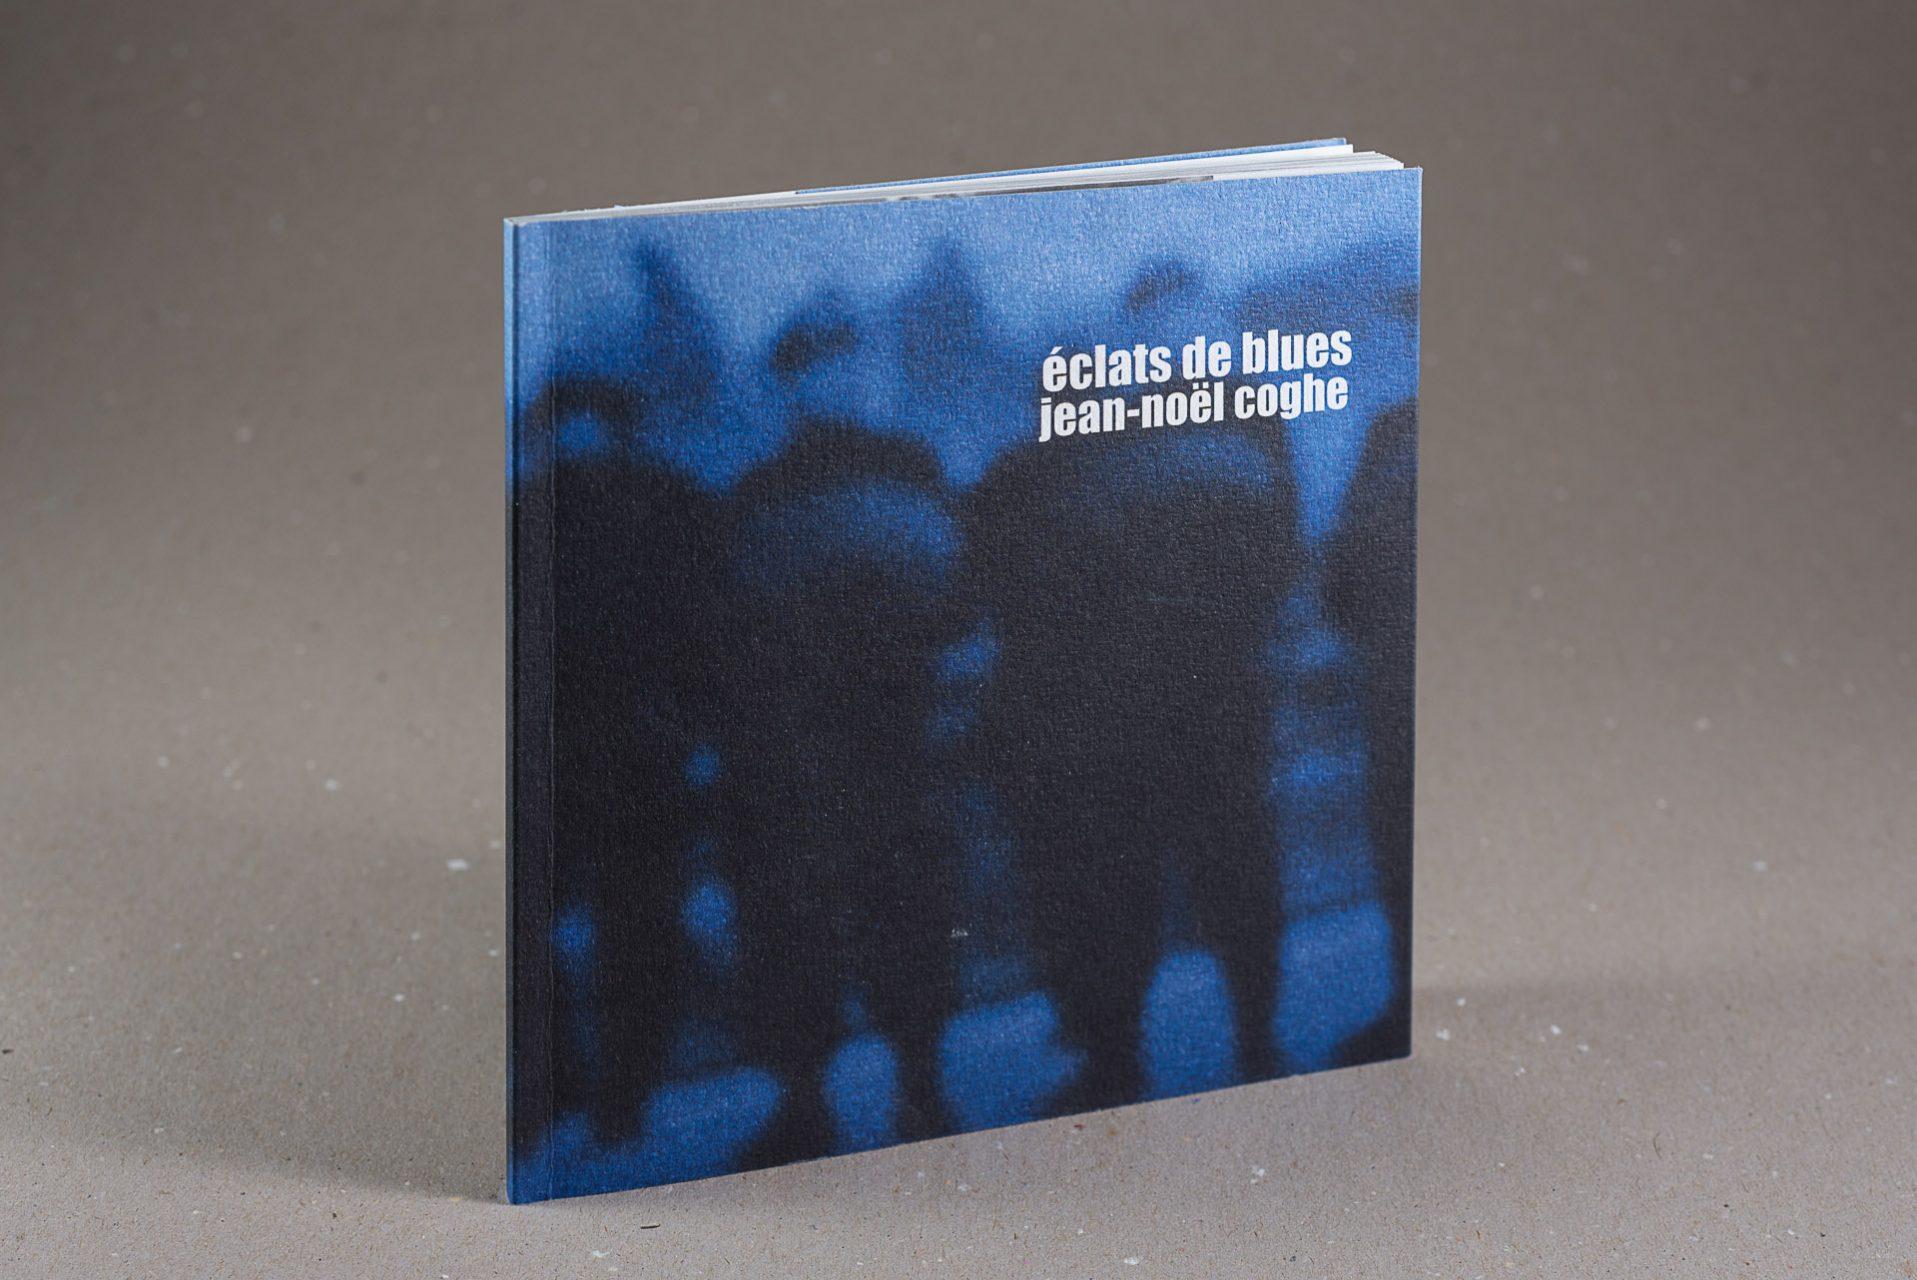 web-hd-nuit-myrtide-livre-eclats-de-blues-jean-noel-coghe-01